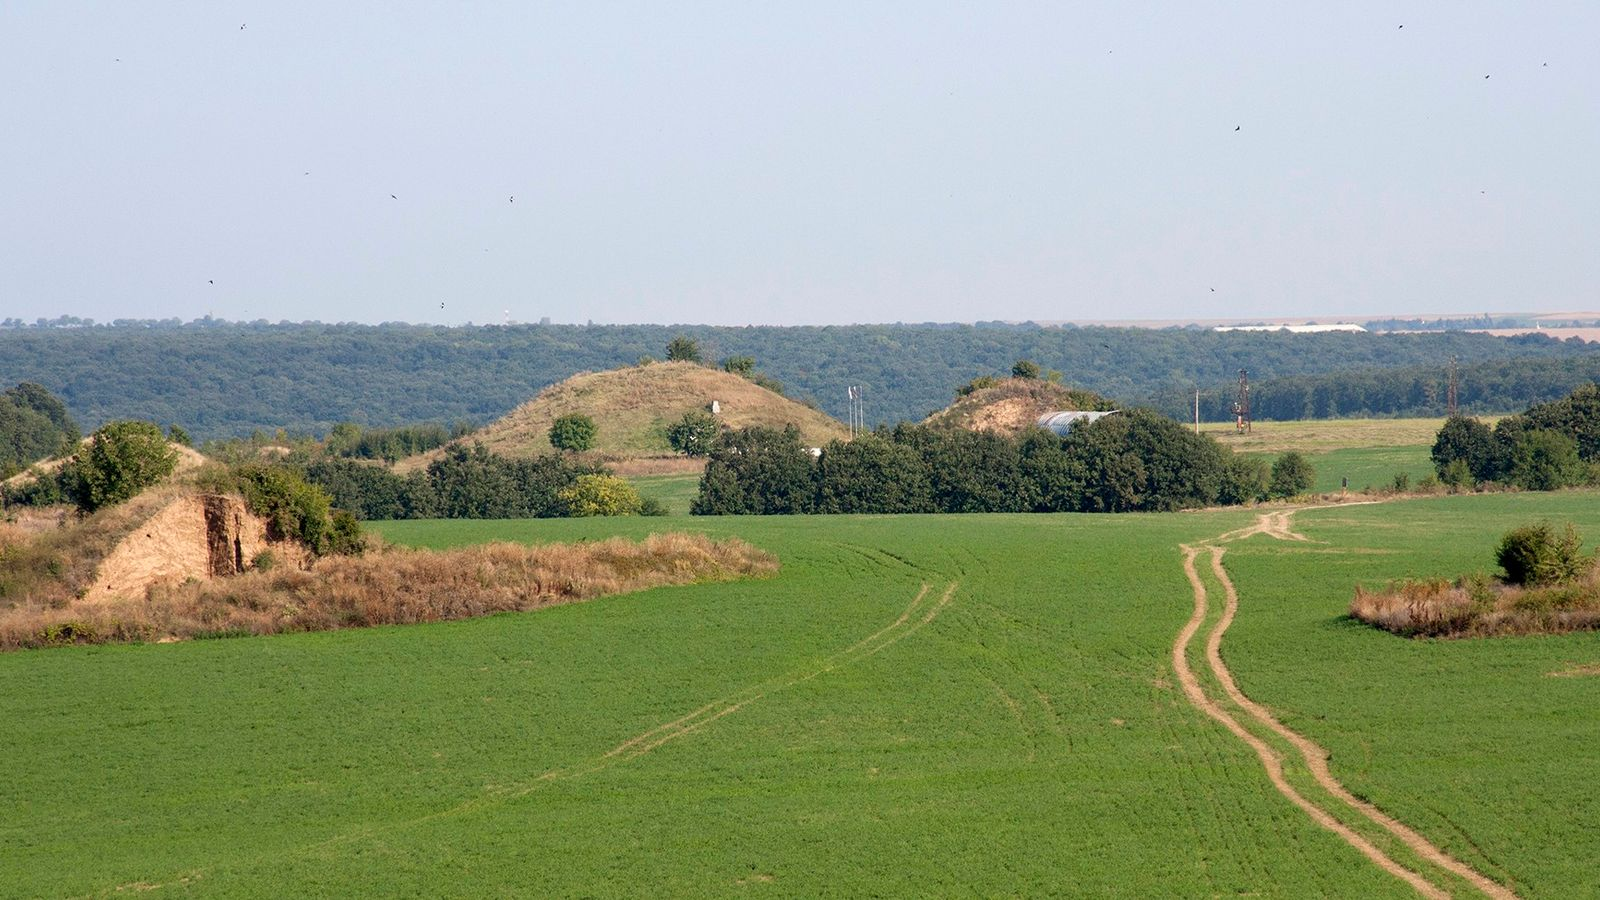 Les nécropoles de Sboryanovo présentent une centaine de tumulus, dont certains dépassent les 10 m de ...